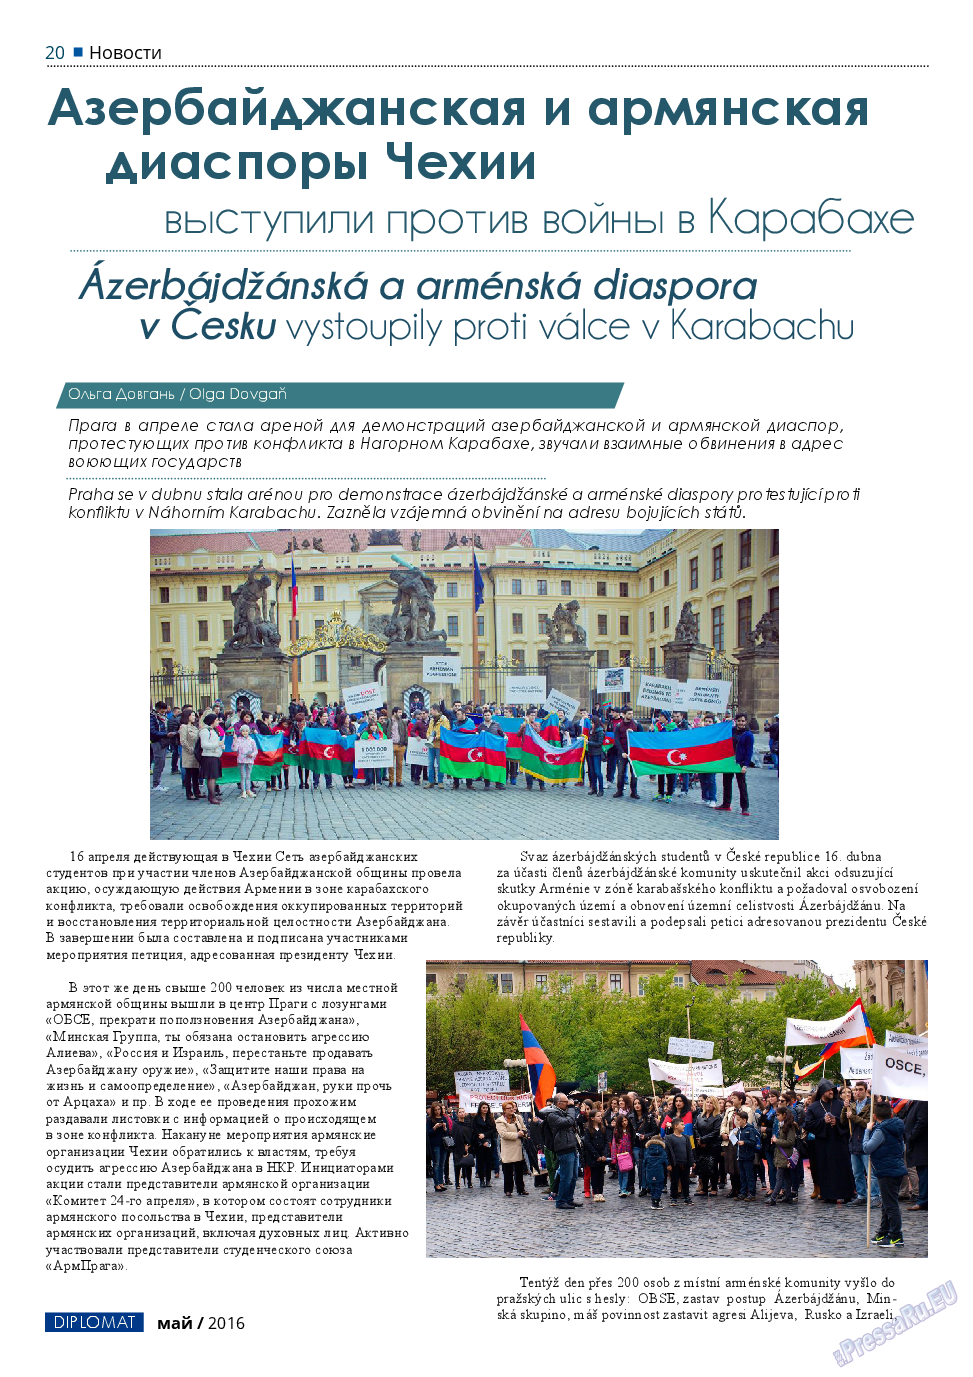 Diplomat (газета). 2016 год, номер 80, стр. 20